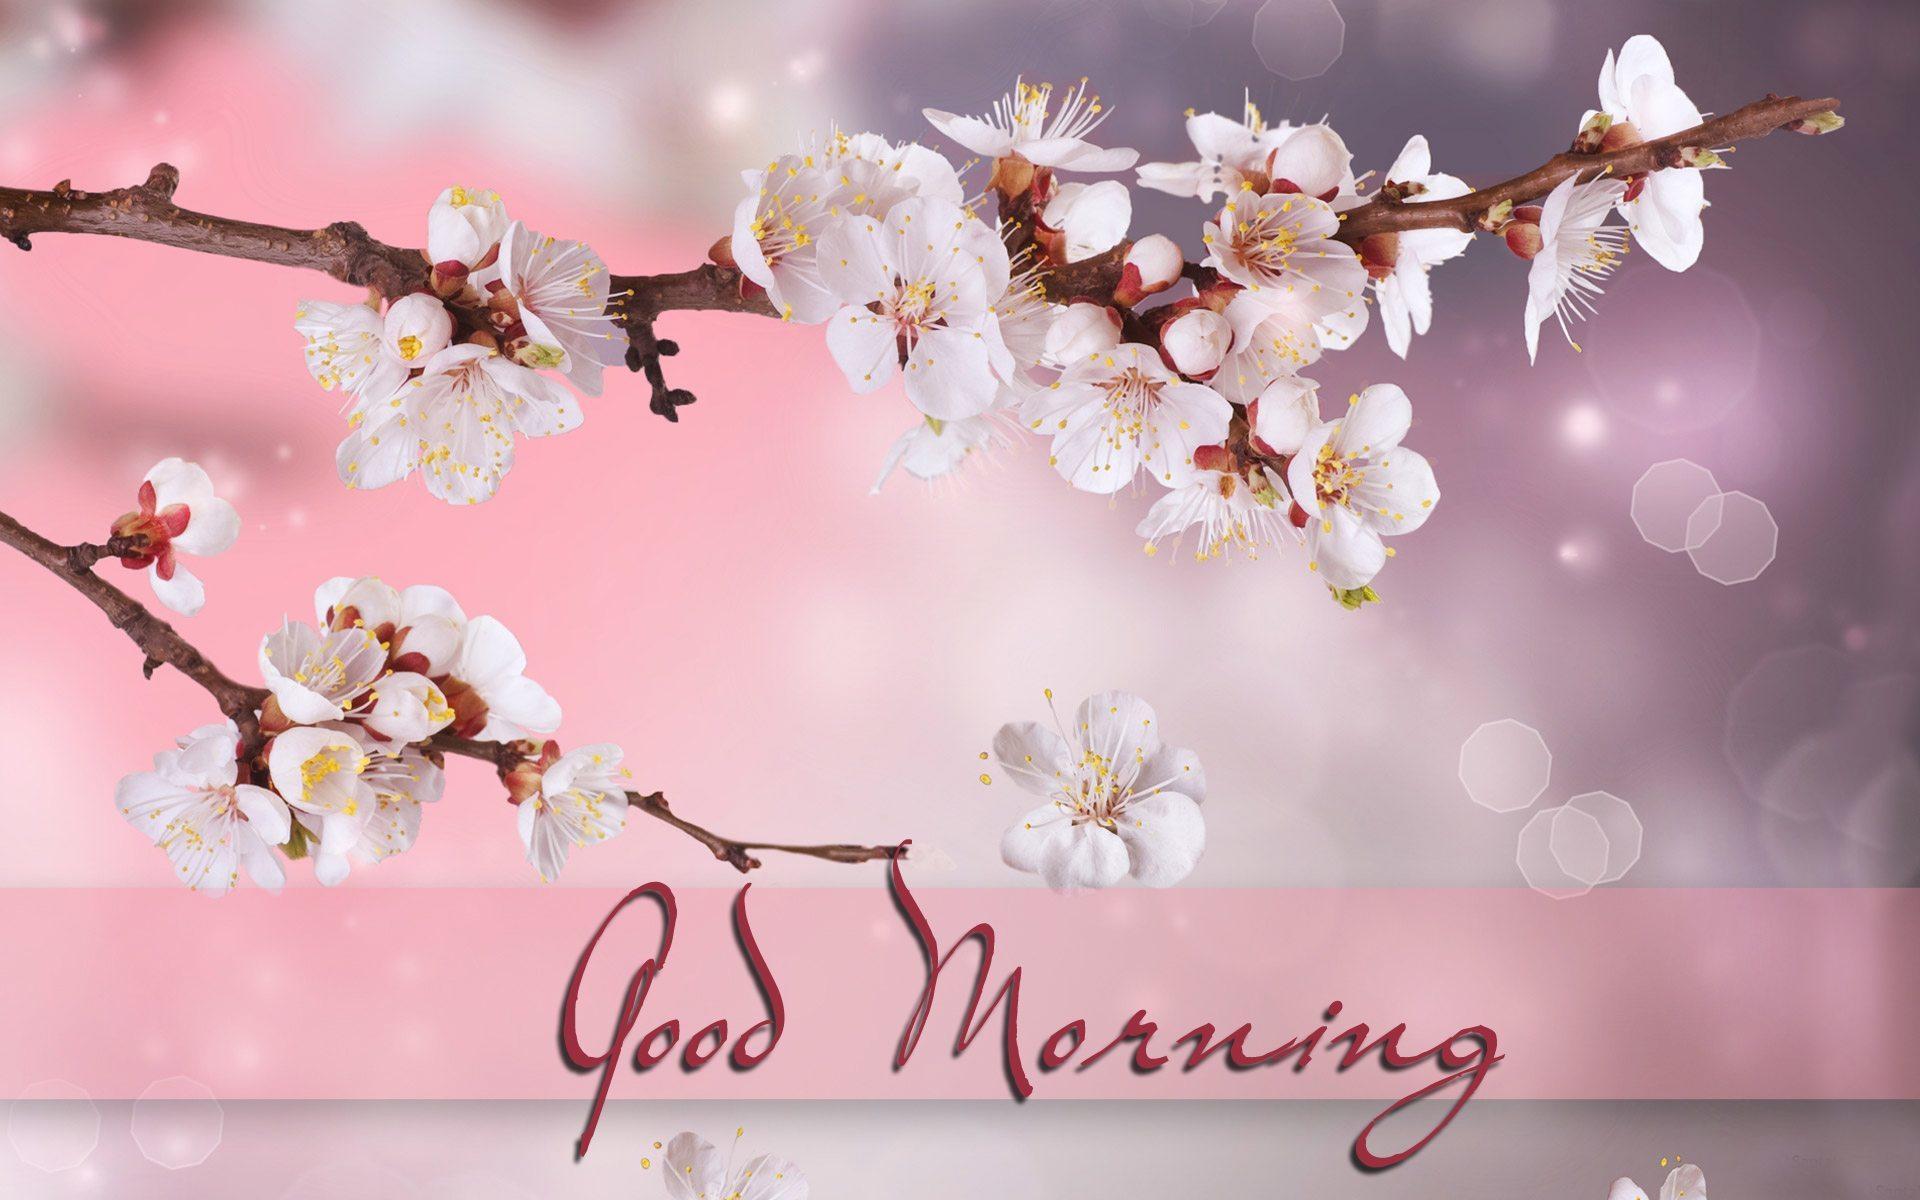 good_morning_hd_wallpaper